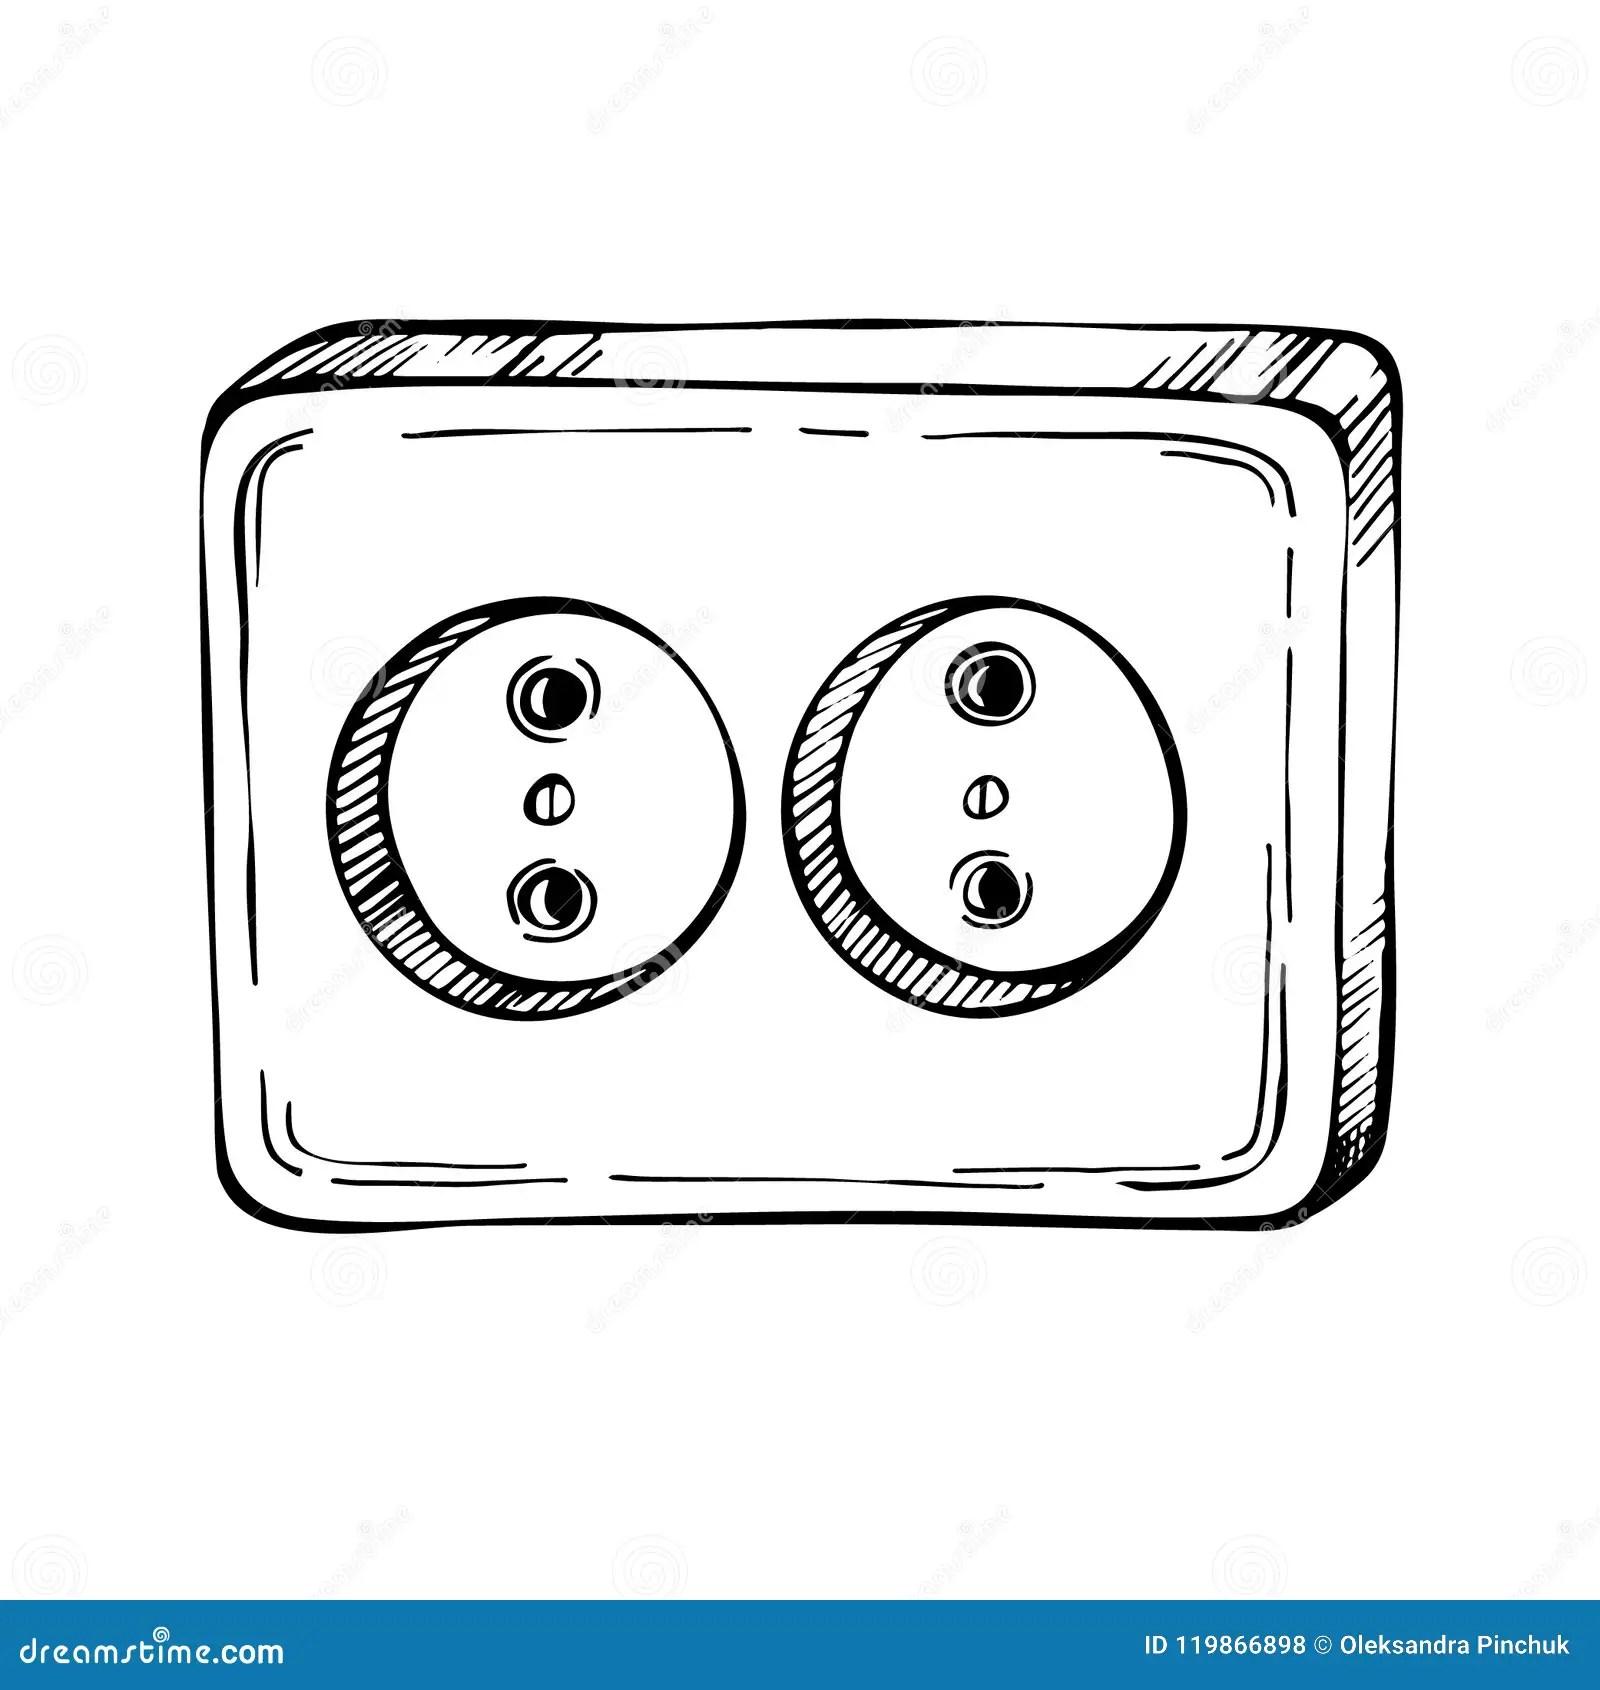 Sketch Empty Electric Socket Cartoon Hand Drawn